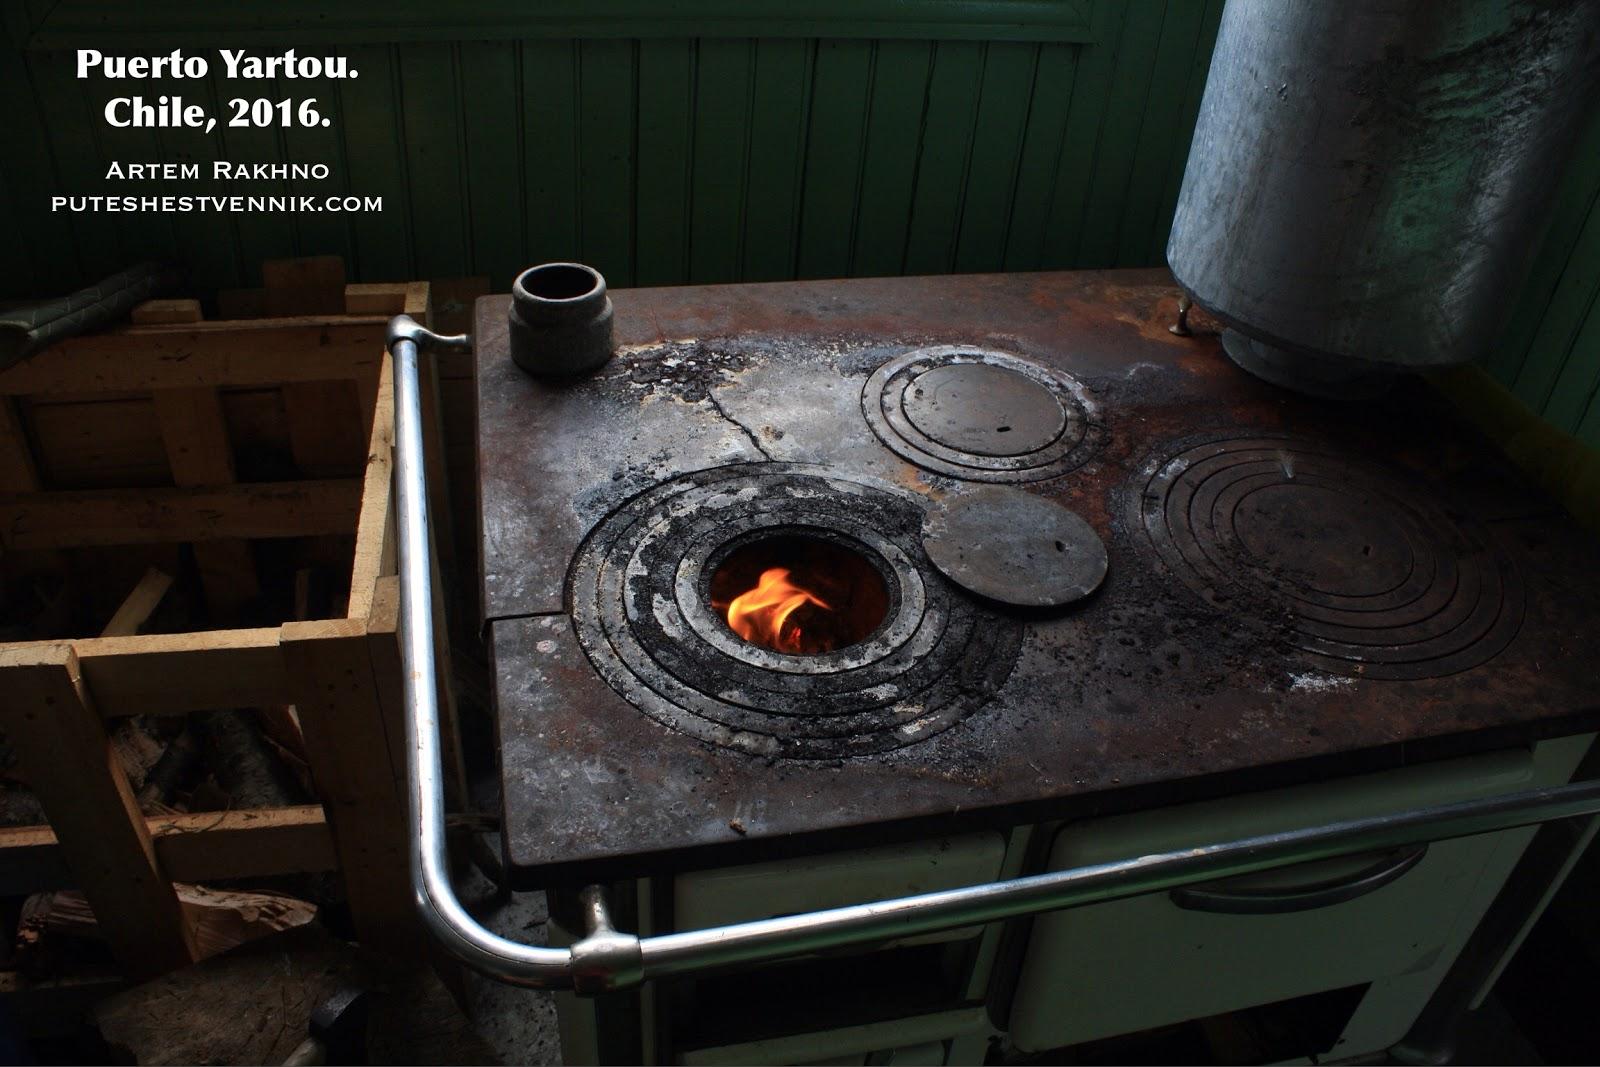 Огонь в печи на кухне эстанции Пуэрто Яртоу